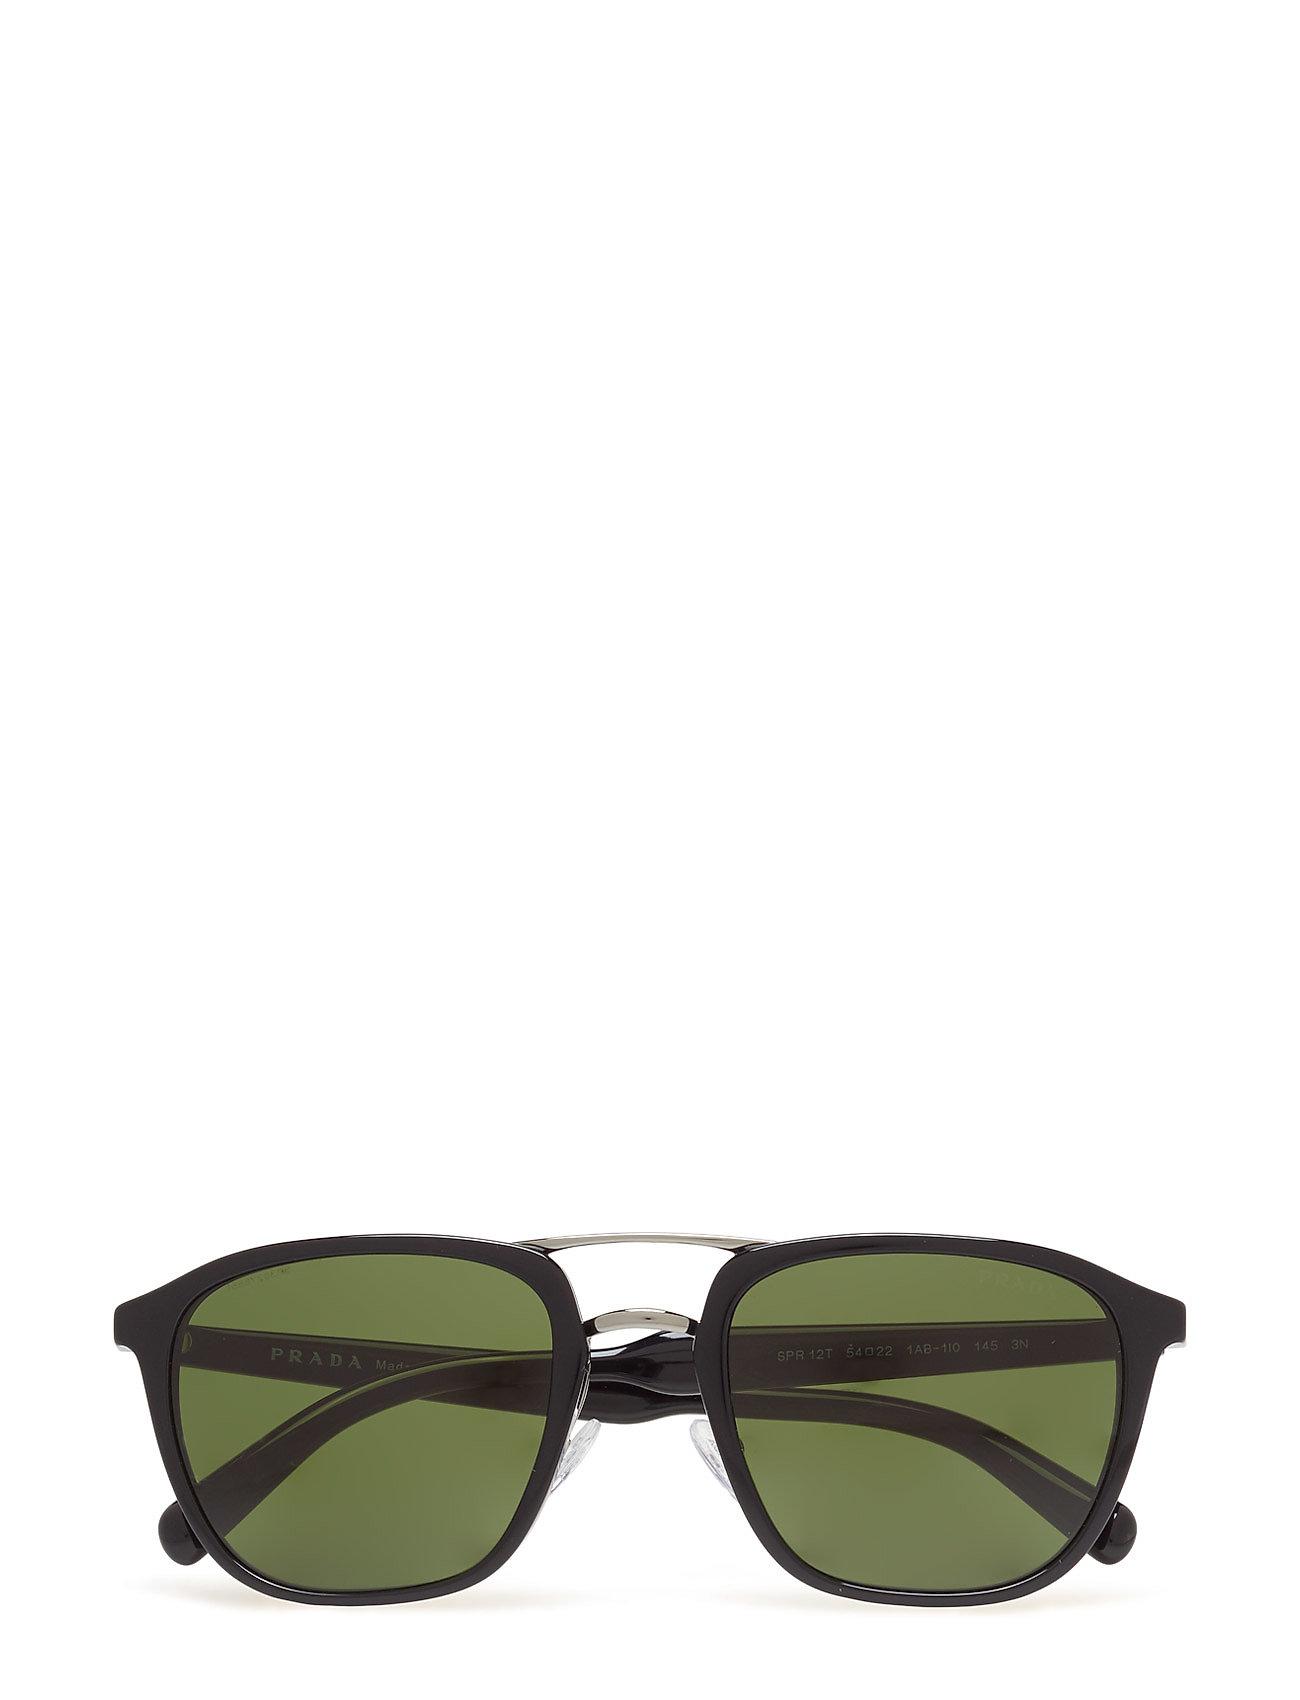 D-Frame Prada Sunglasses Accessories til Mænd i Sort